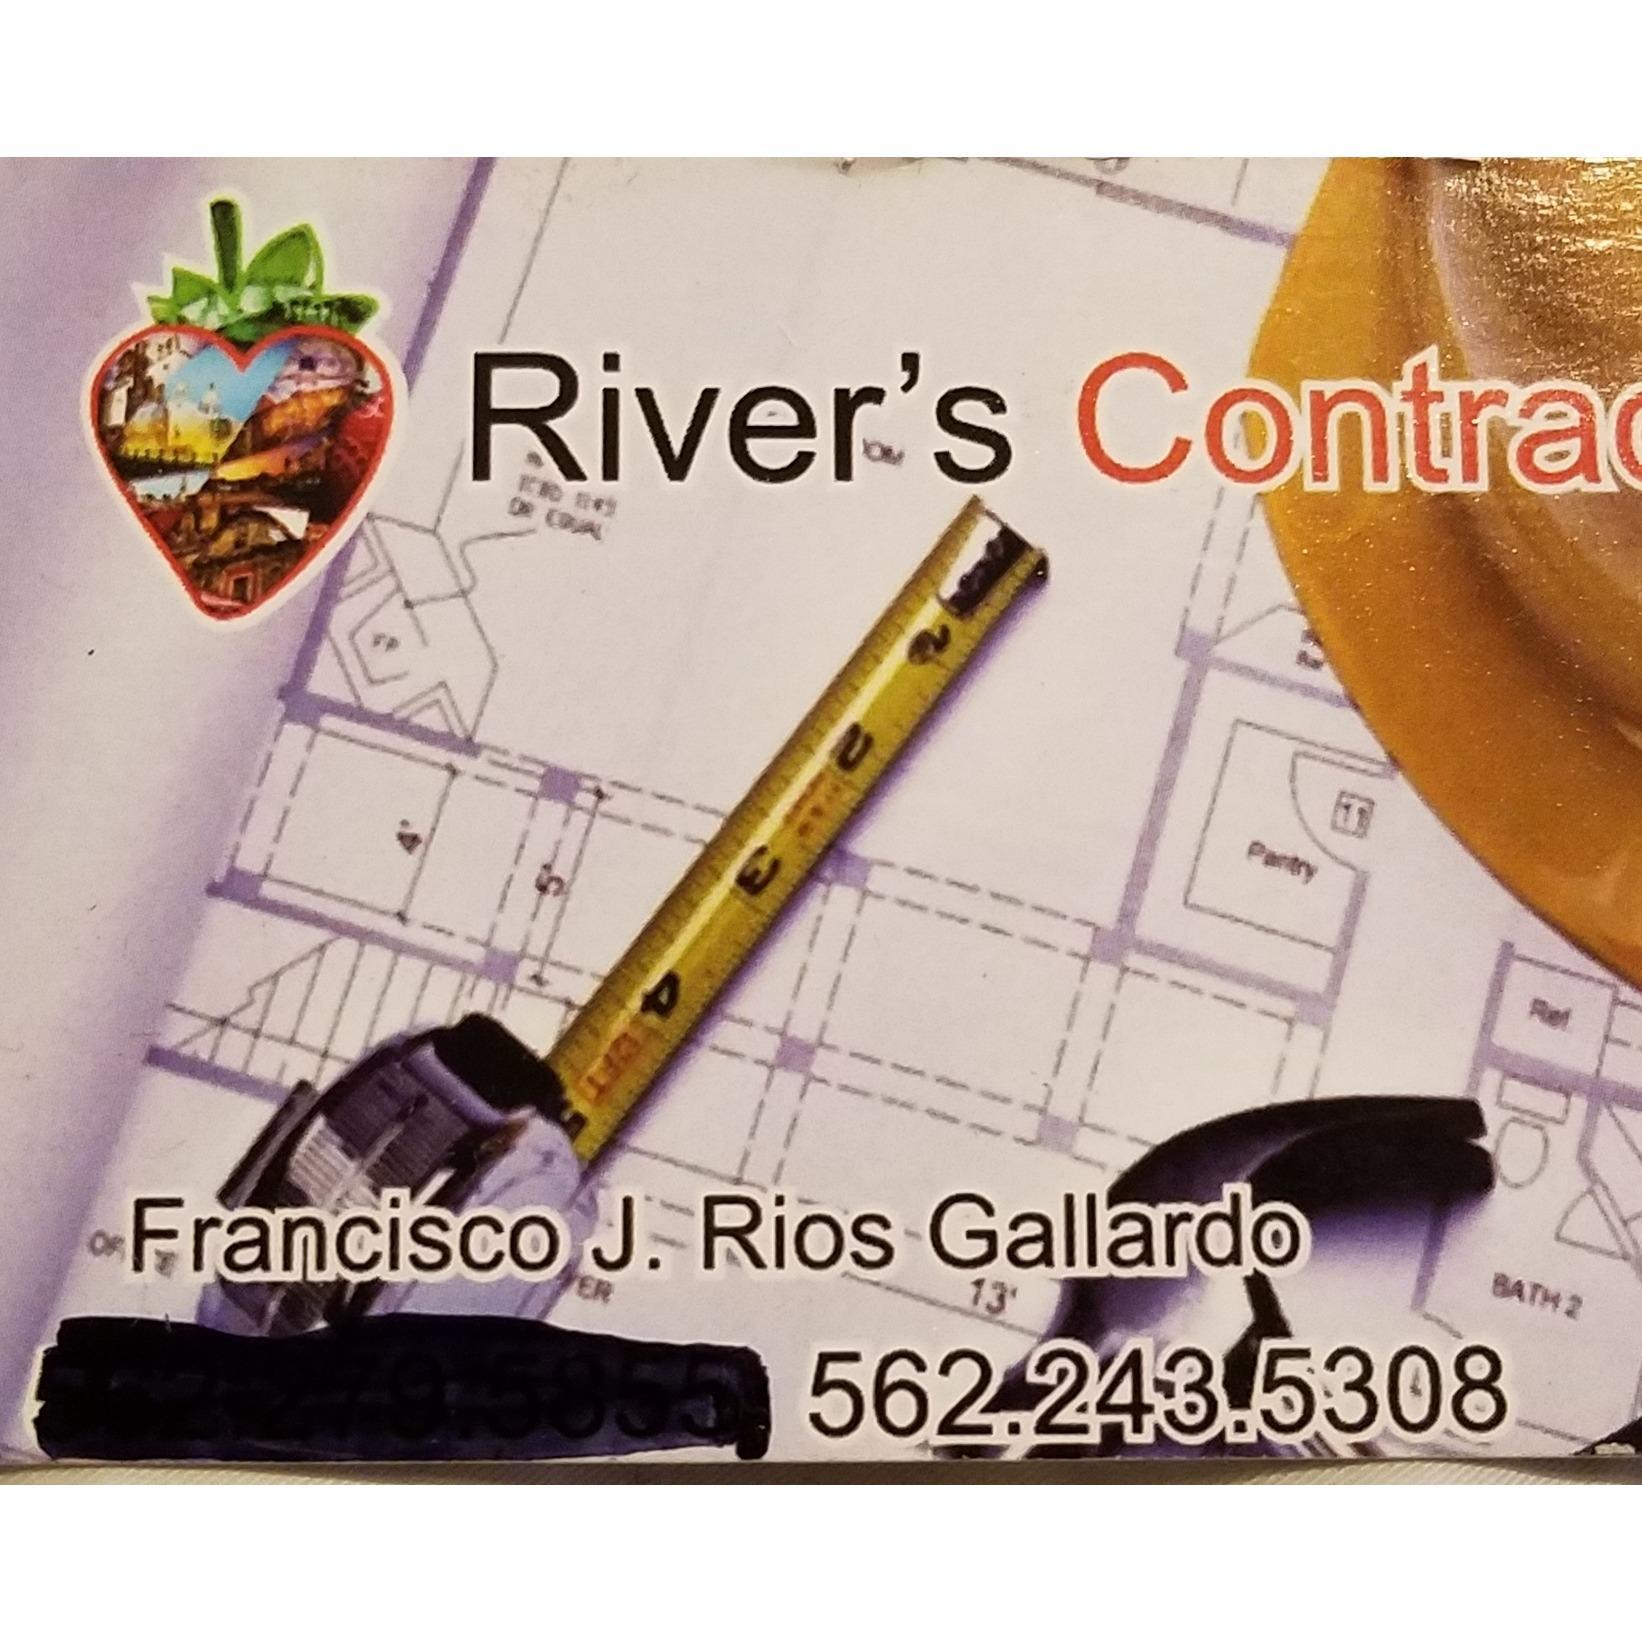 rivers contractors - Long Beach, CA 90805 - (562)243-5308 | ShowMeLocal.com